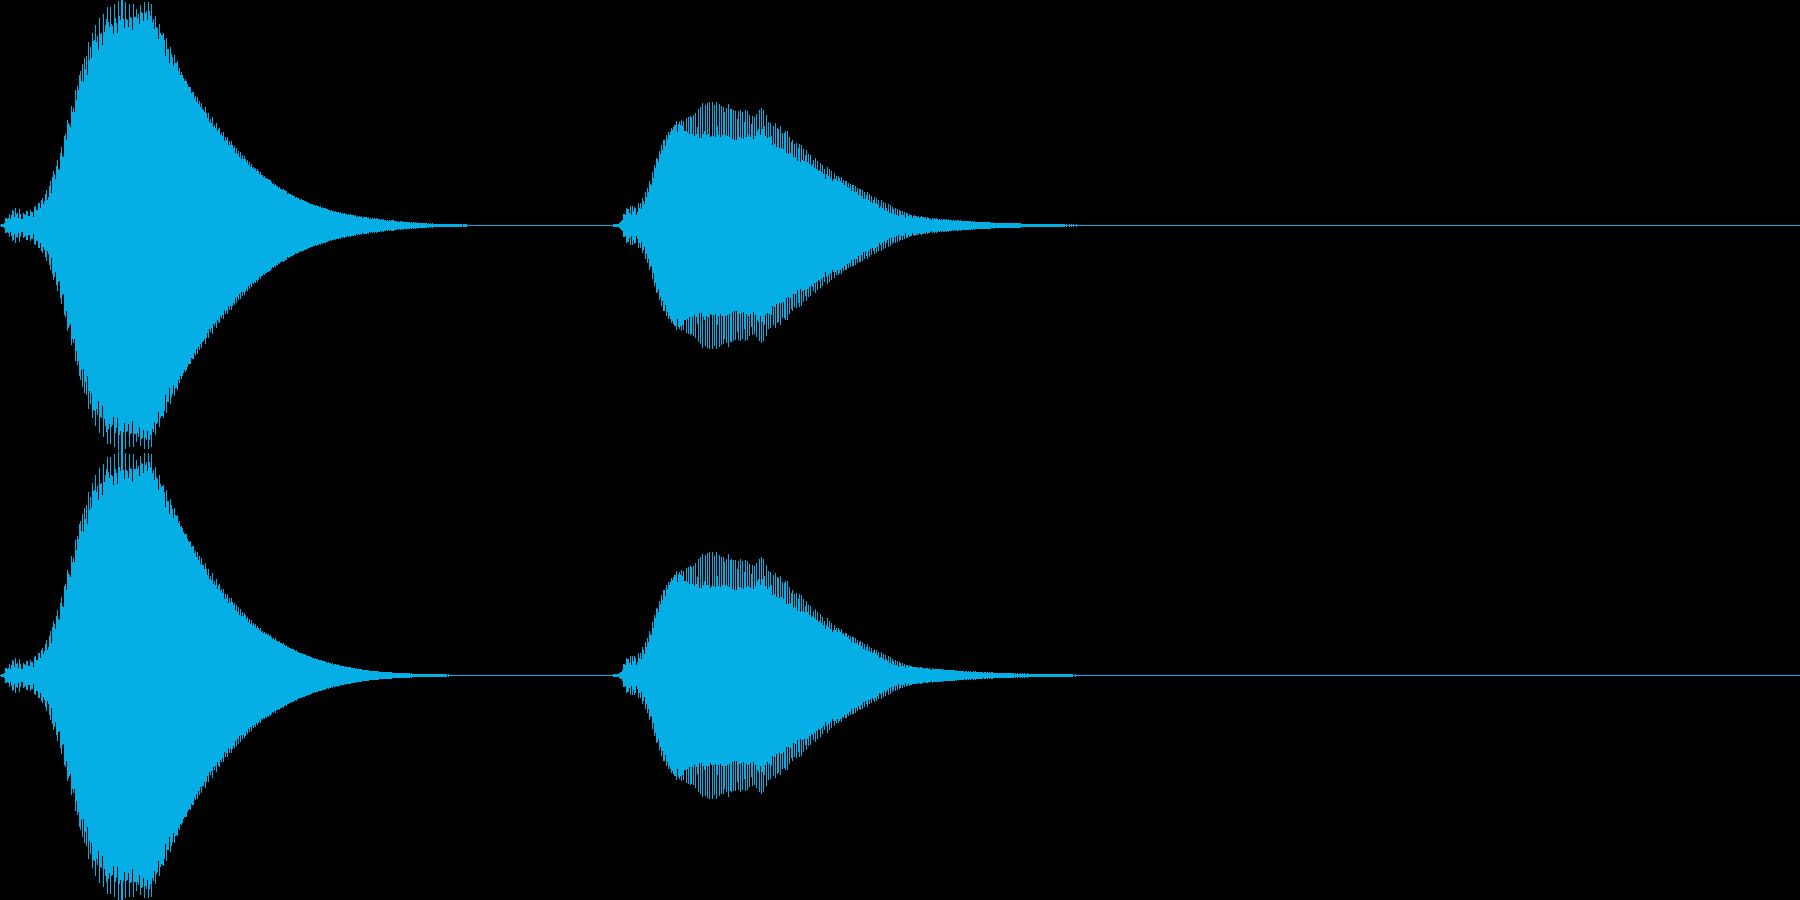 ポッポー。鳩時計の時報C(低・短)の再生済みの波形